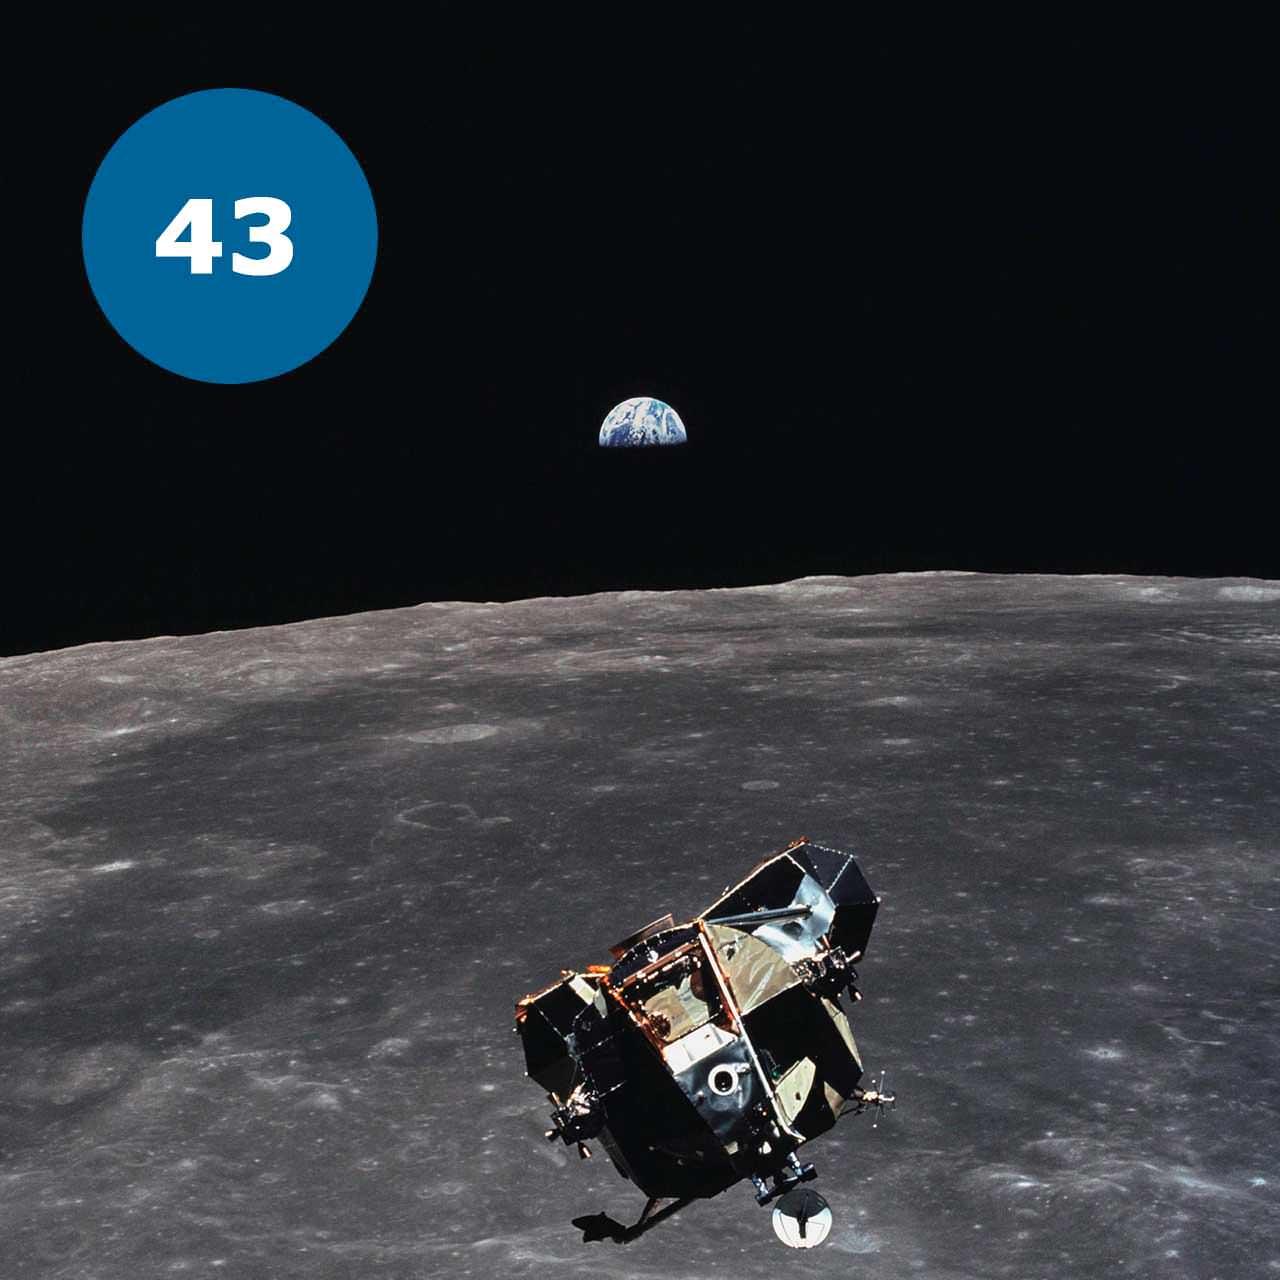 Земля з орбіти Місяця